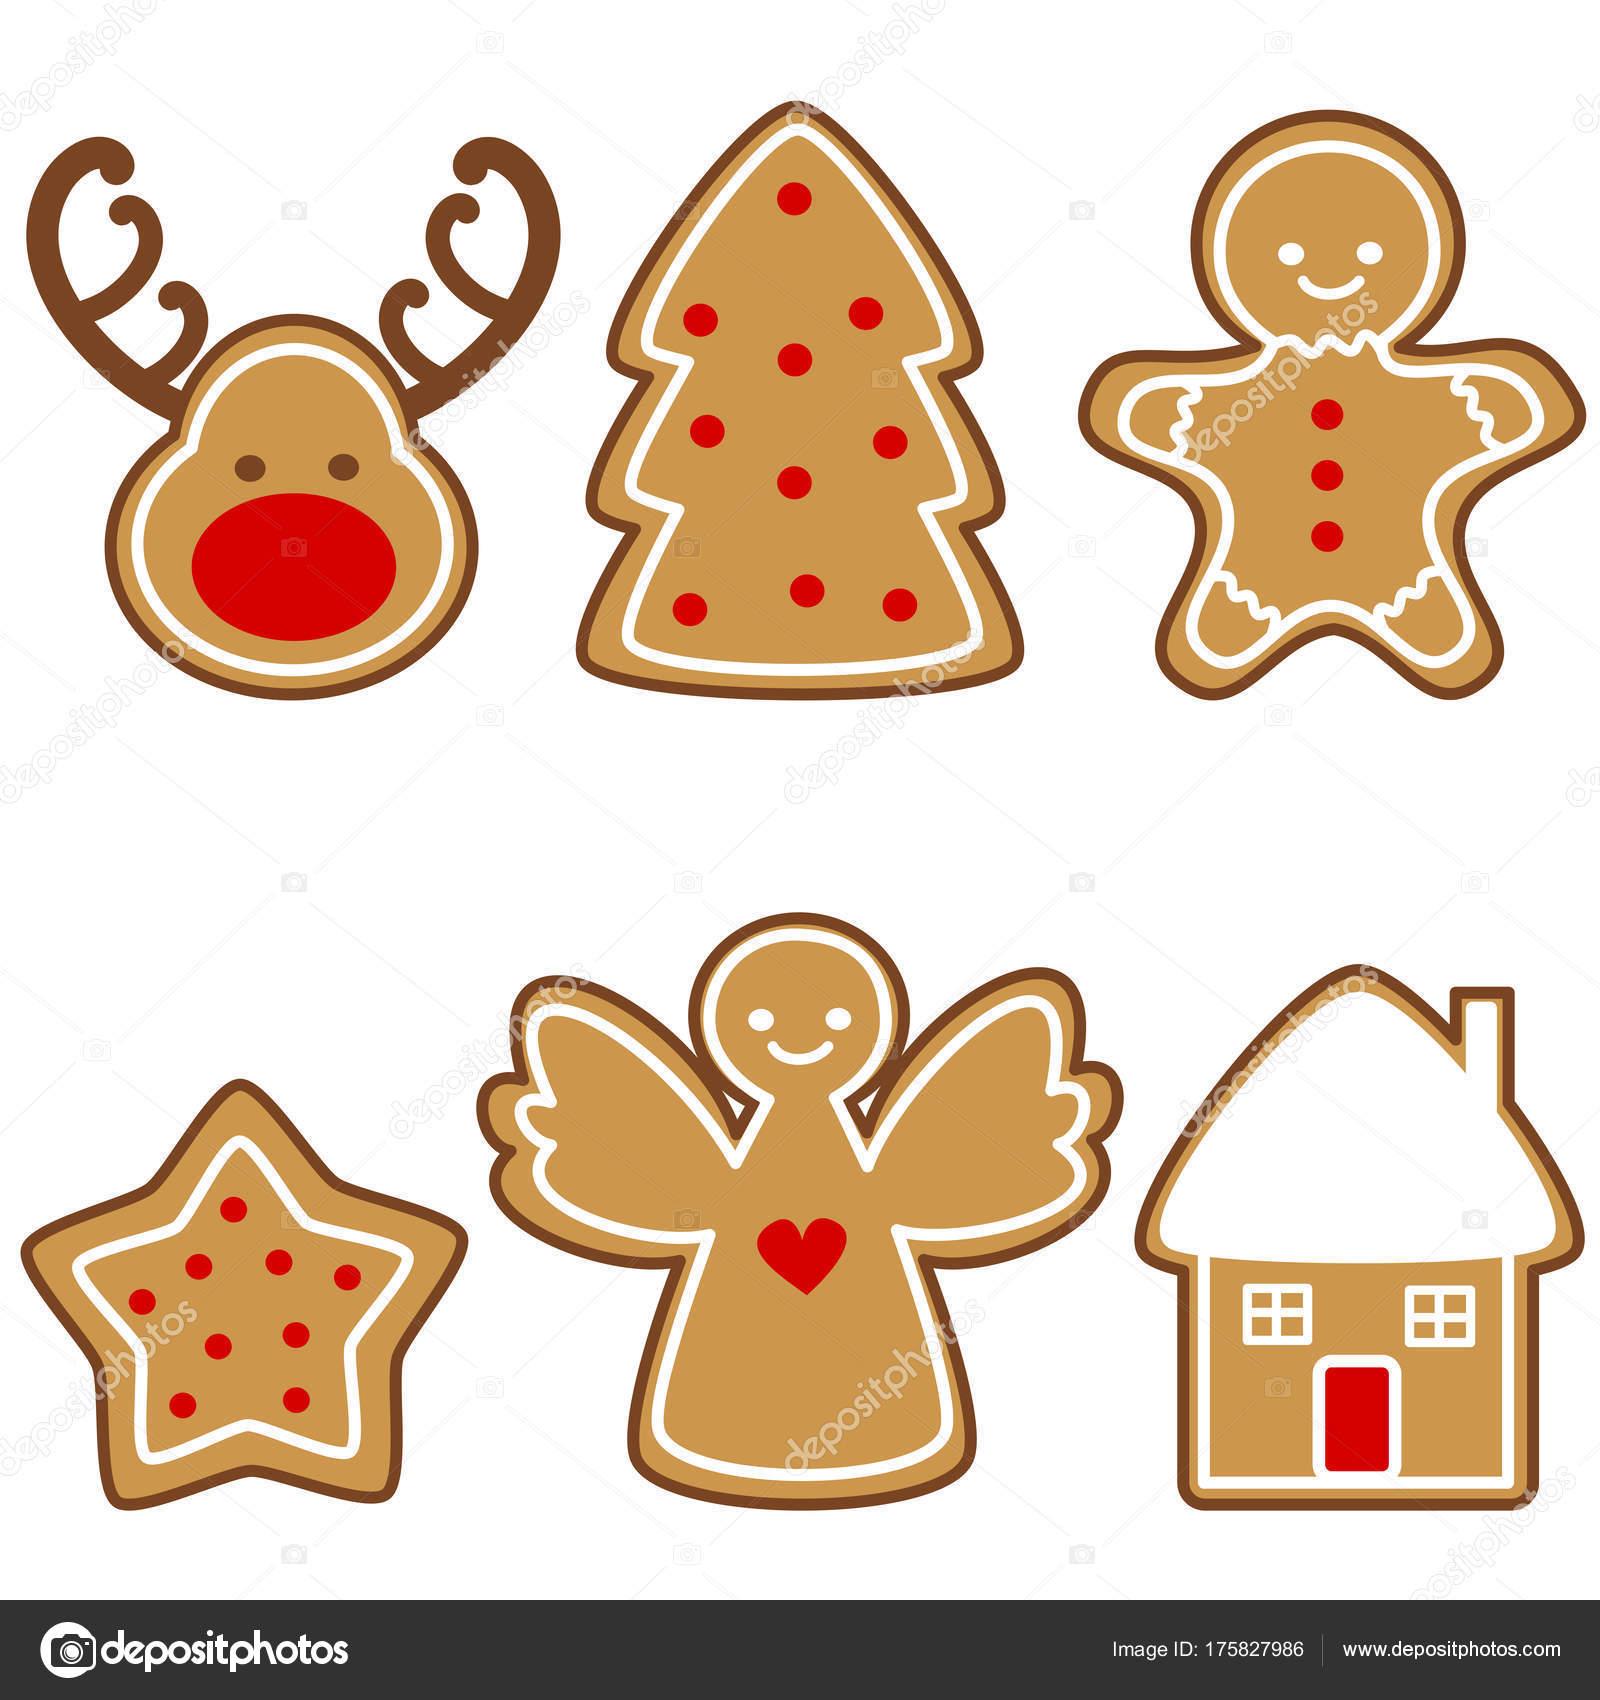 Imagenes De Galletas De Navidad Animadas.Vector Dibujos Animados Lindo Set Galletas Jengibre Navidad